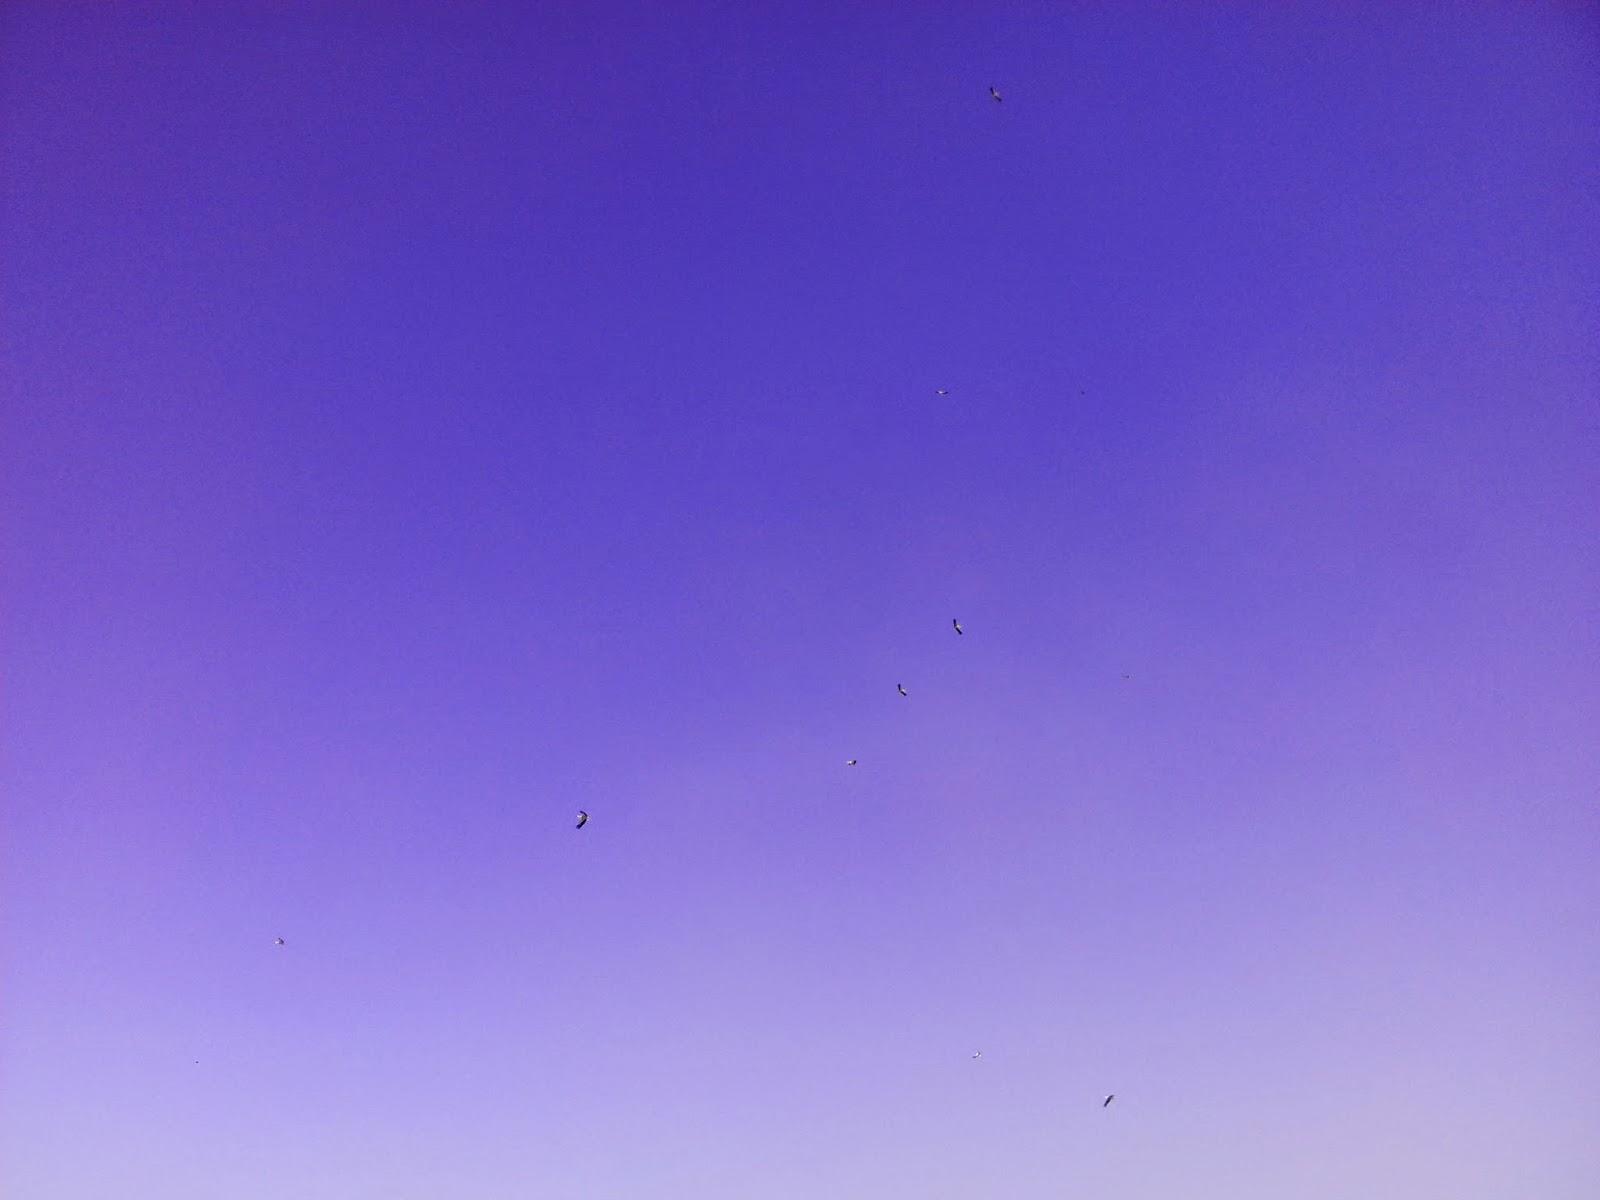 cigüeñas volando